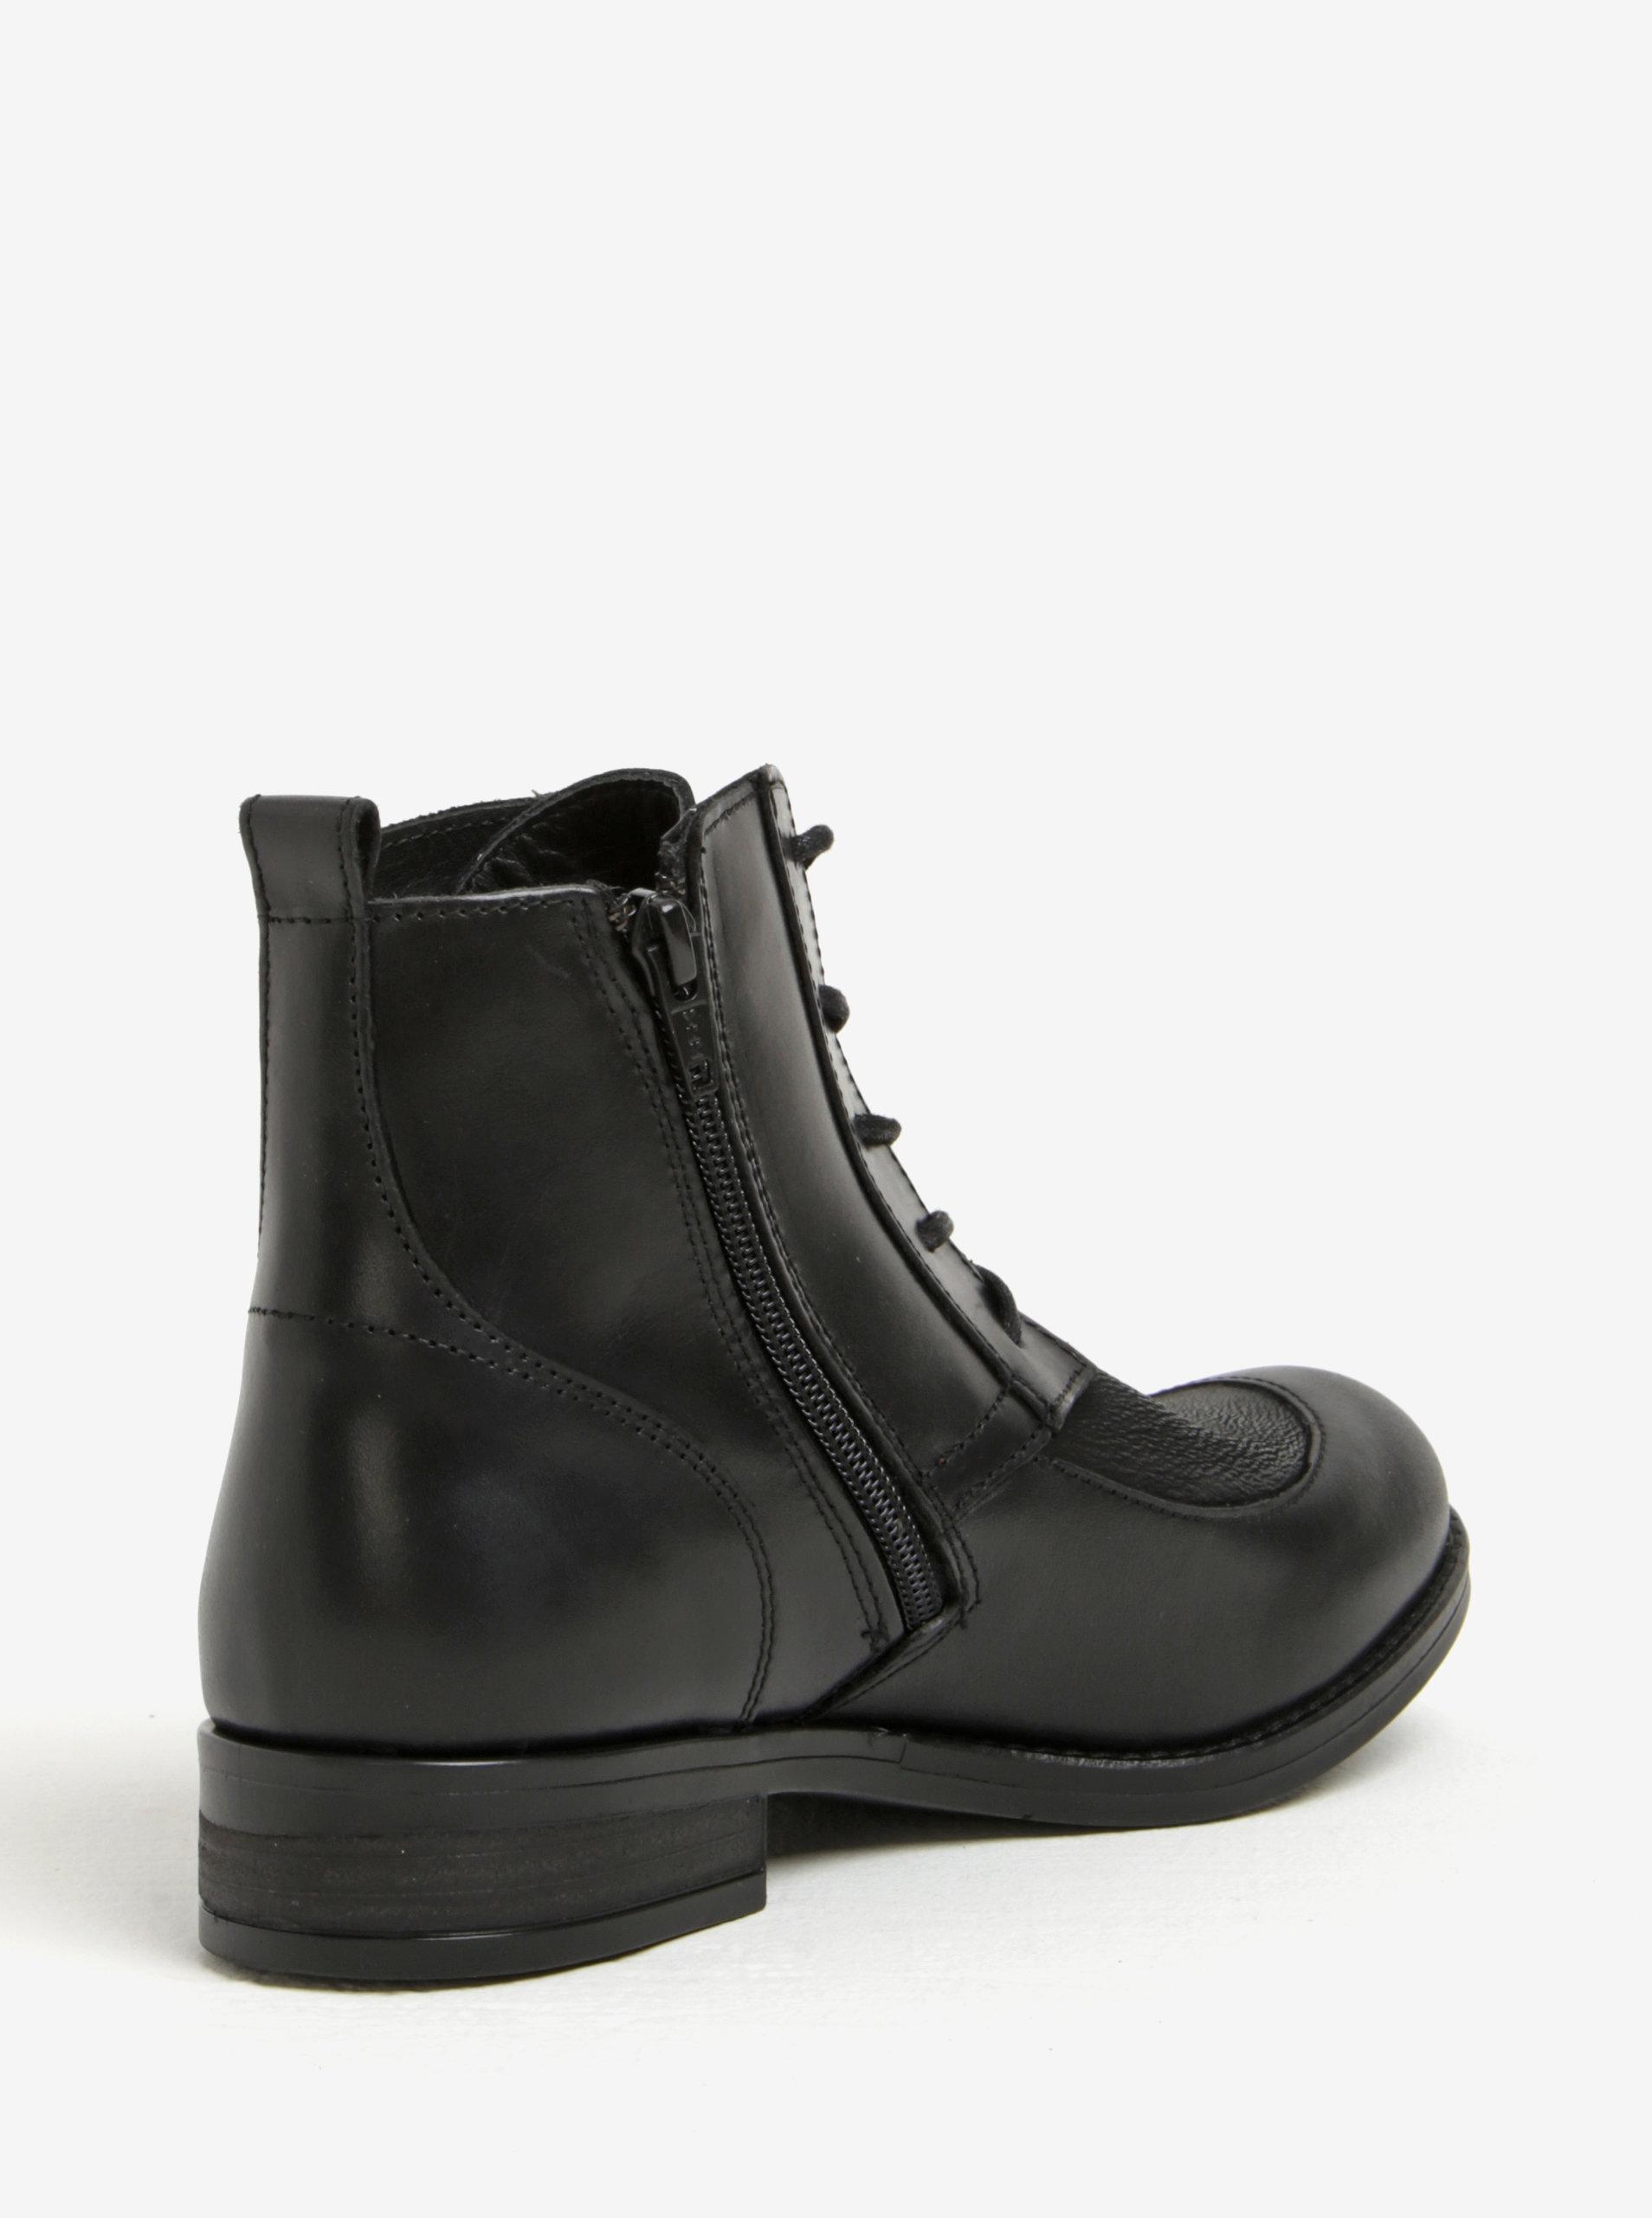 6ae151063f532 Čierne dámske kožené členkové topánky so šnurovaním Fly London | ZOOT.sk